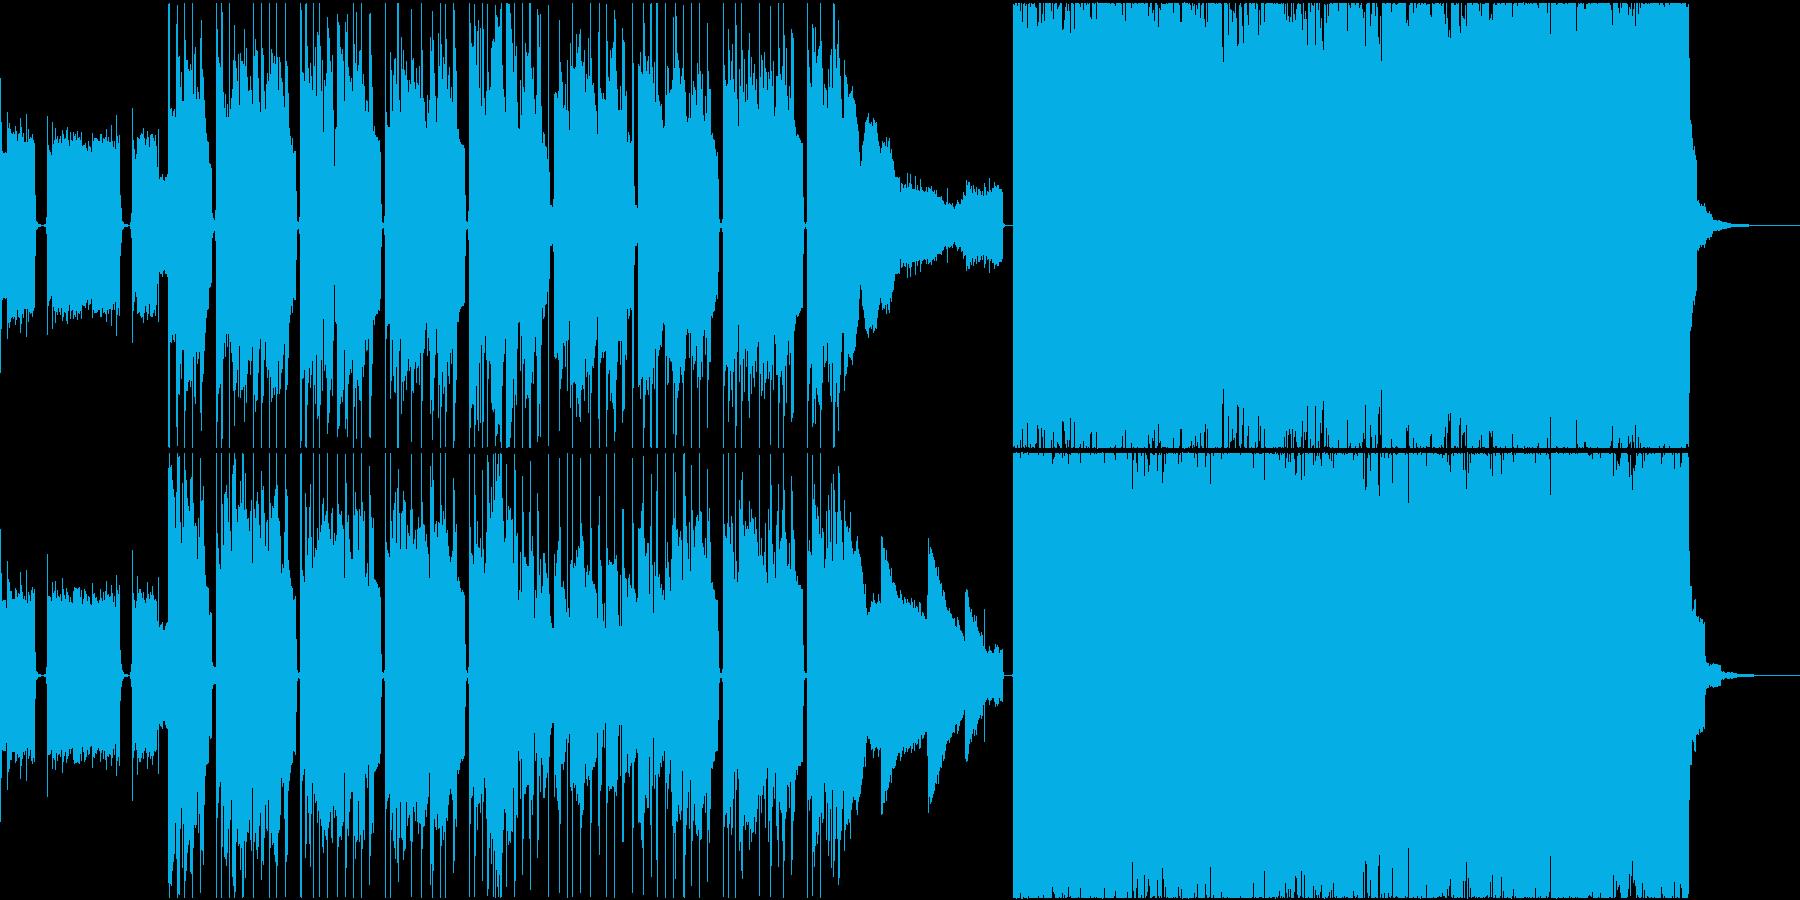 変わったノリを演出したロックバンド曲の再生済みの波形